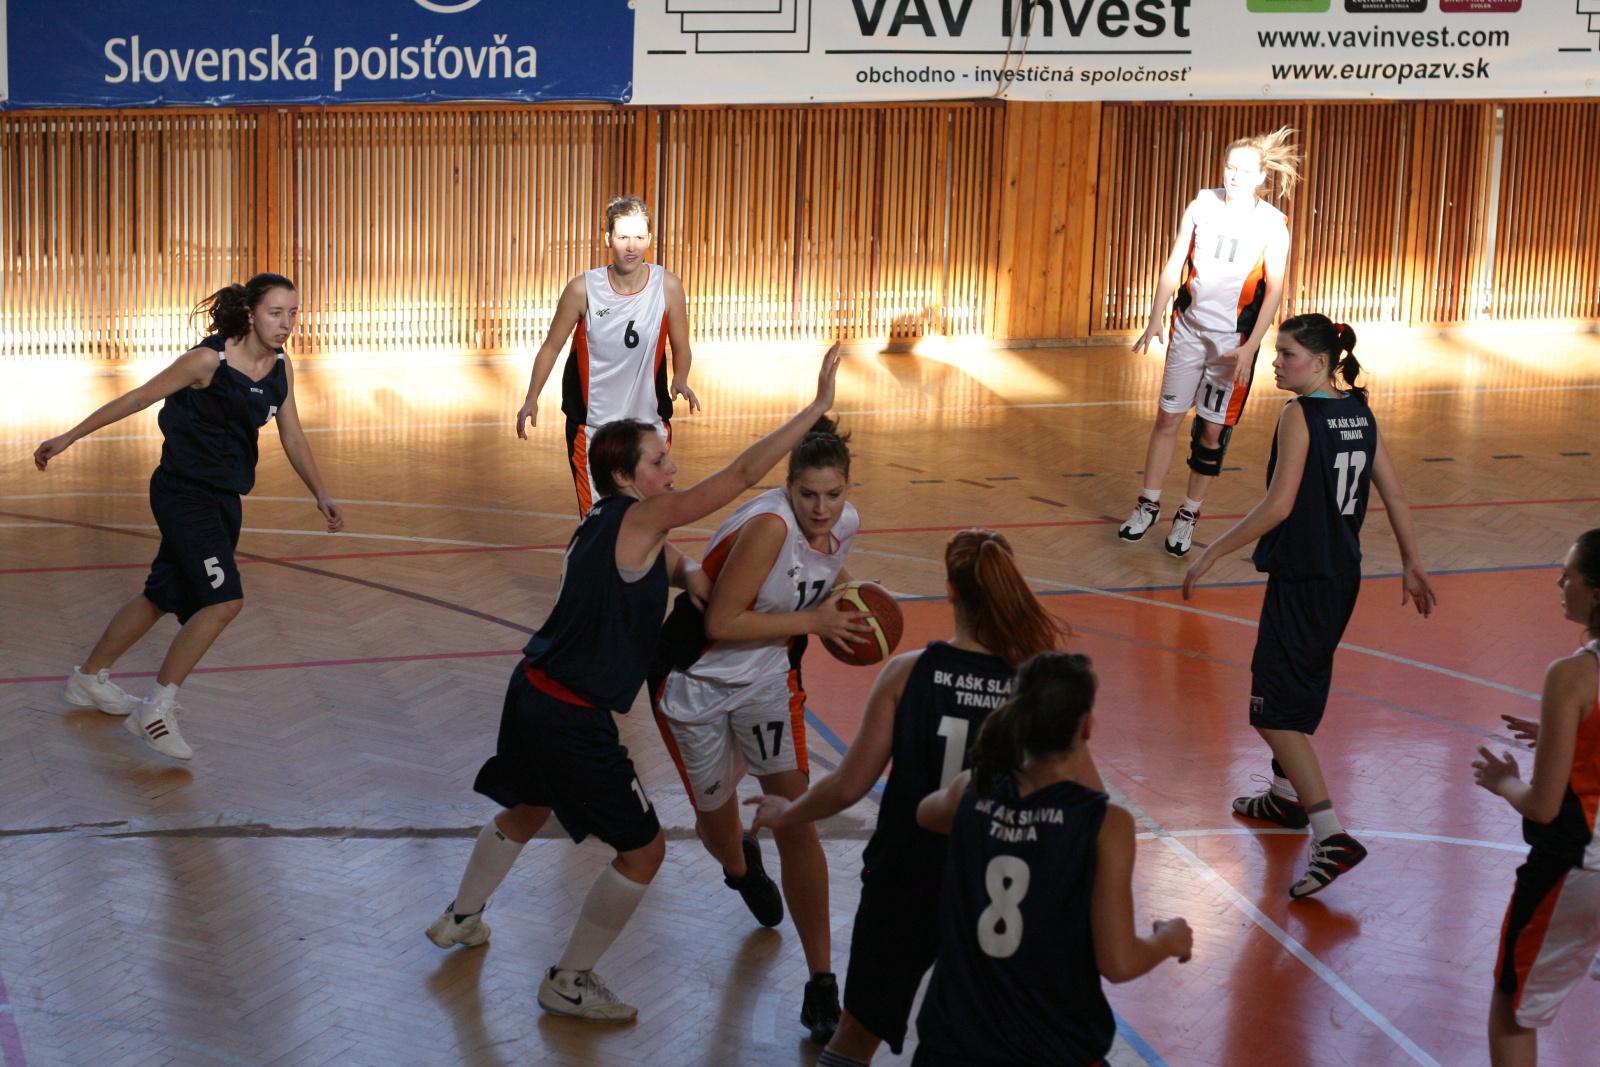 bk-zs-zvolen-bk-ask-slavia-trnava-basketbal-zeny-2